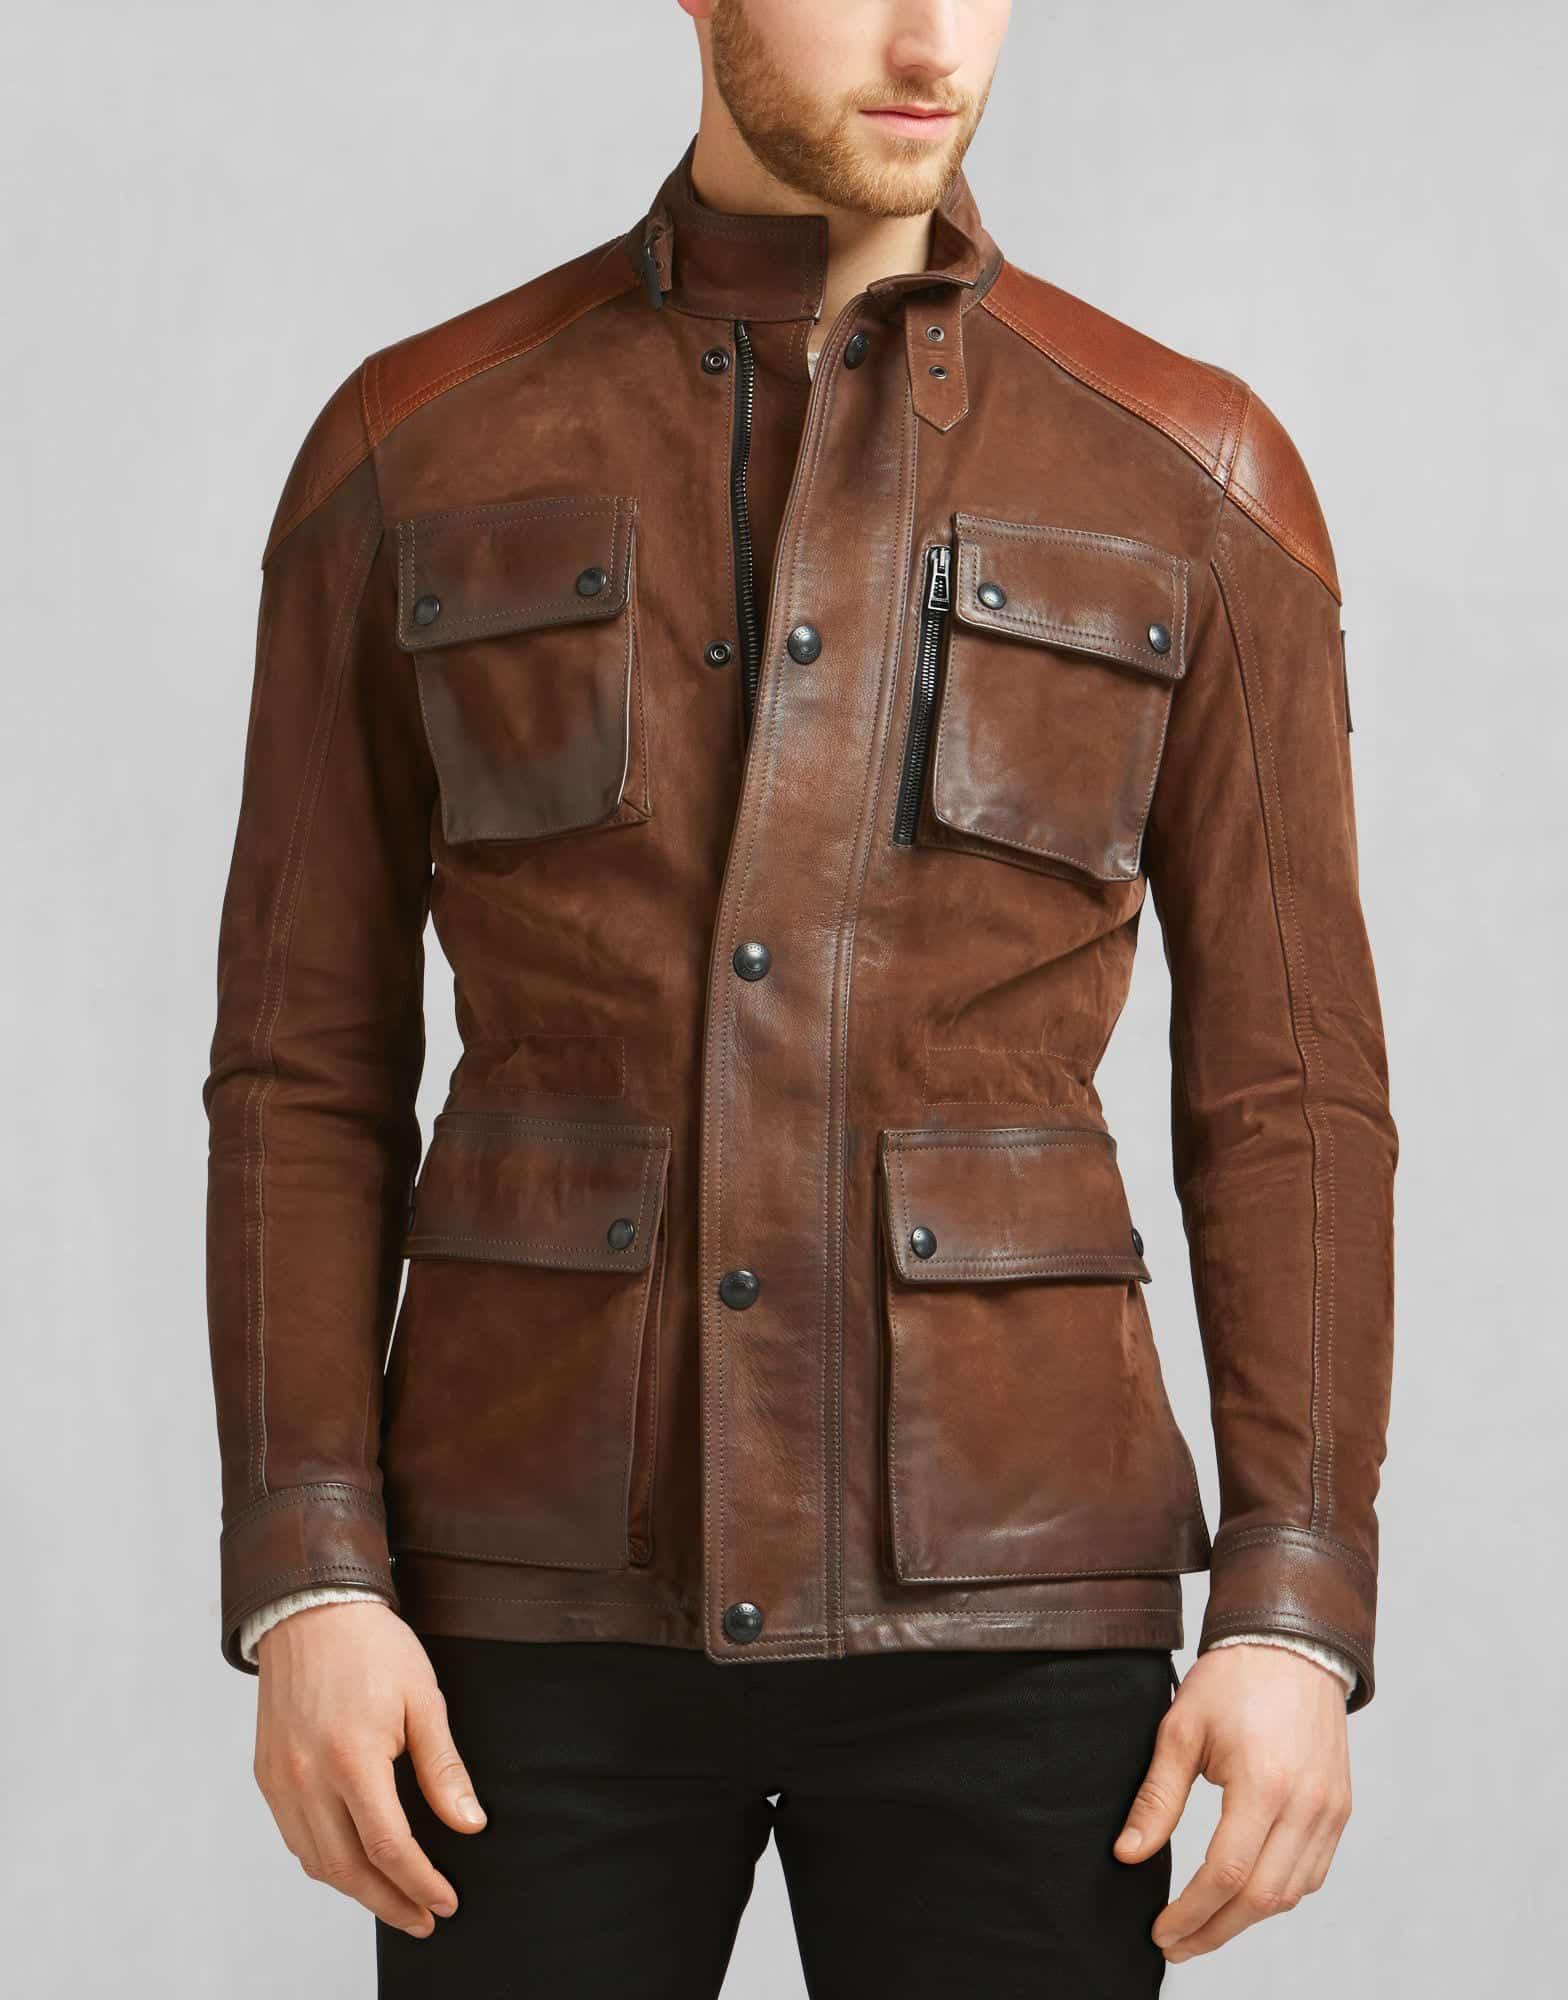 Belstaff-Trialmaster-Brown-Jacket Top Brands for Leather Jackets-15 Most Popular Brands 2019 for Men